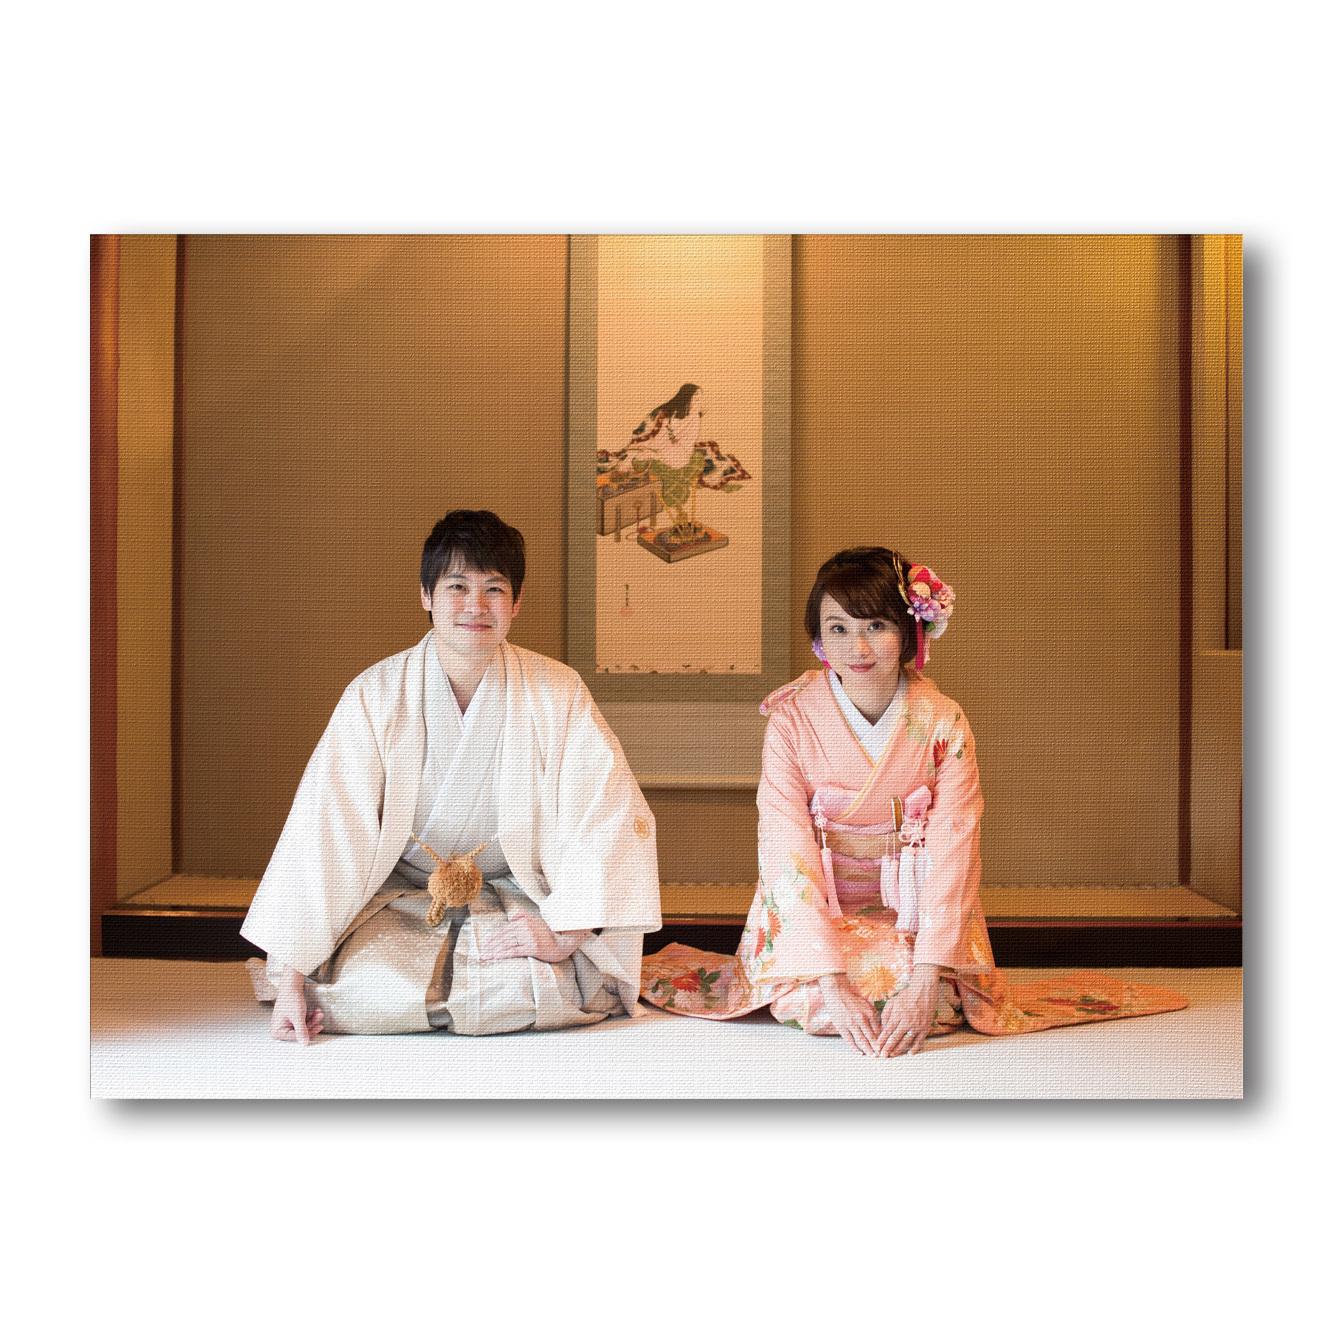 A_design_mirai_kashimoto_F.jpg